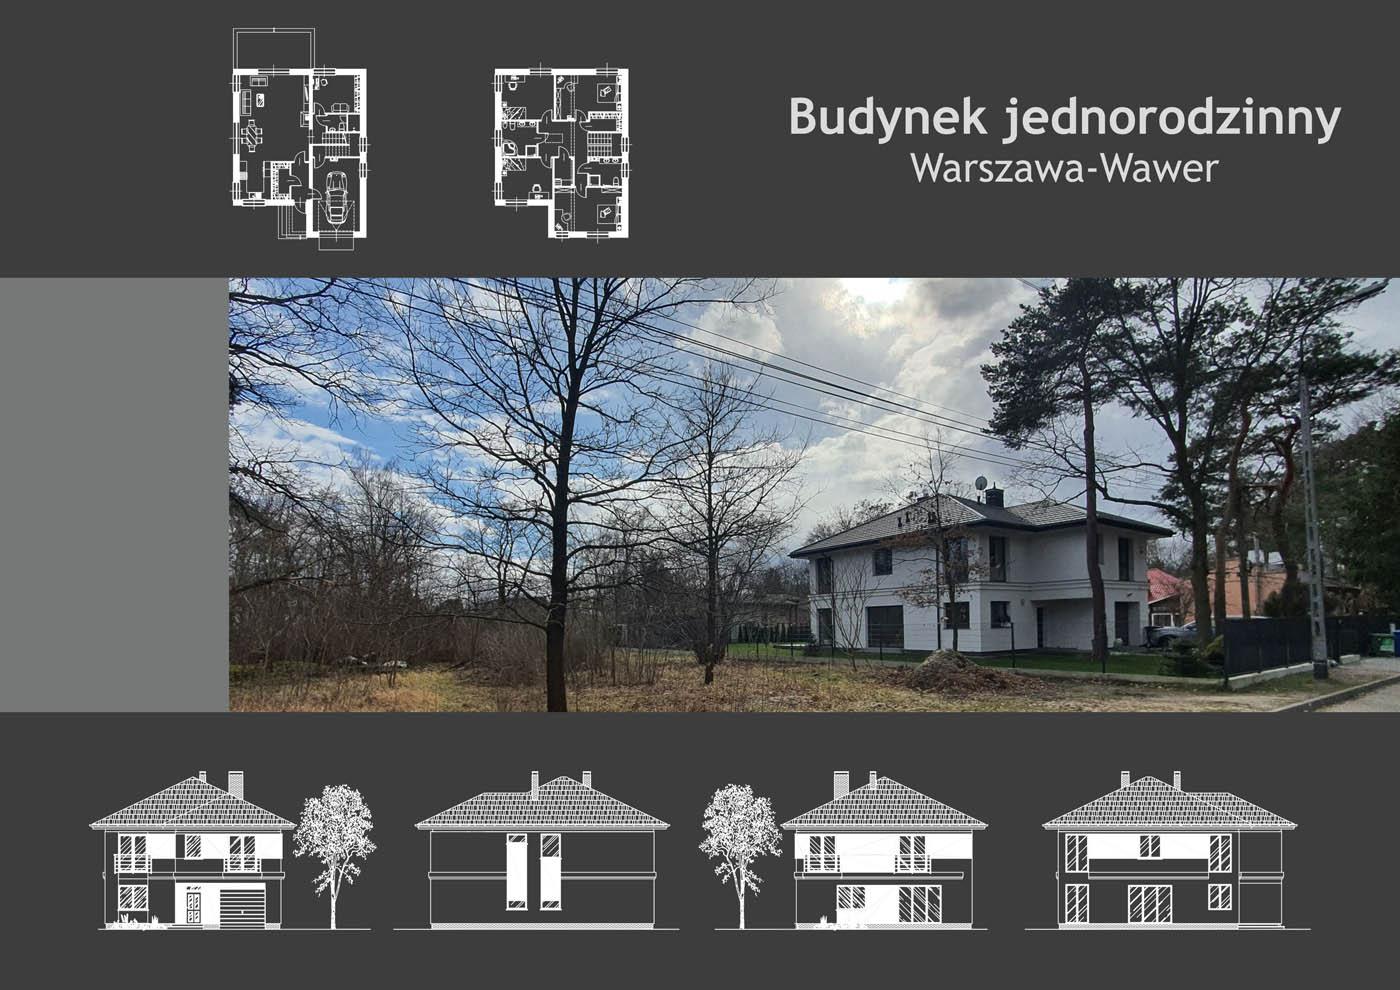 Budynek jednorodzinny Warszawa-Wawer